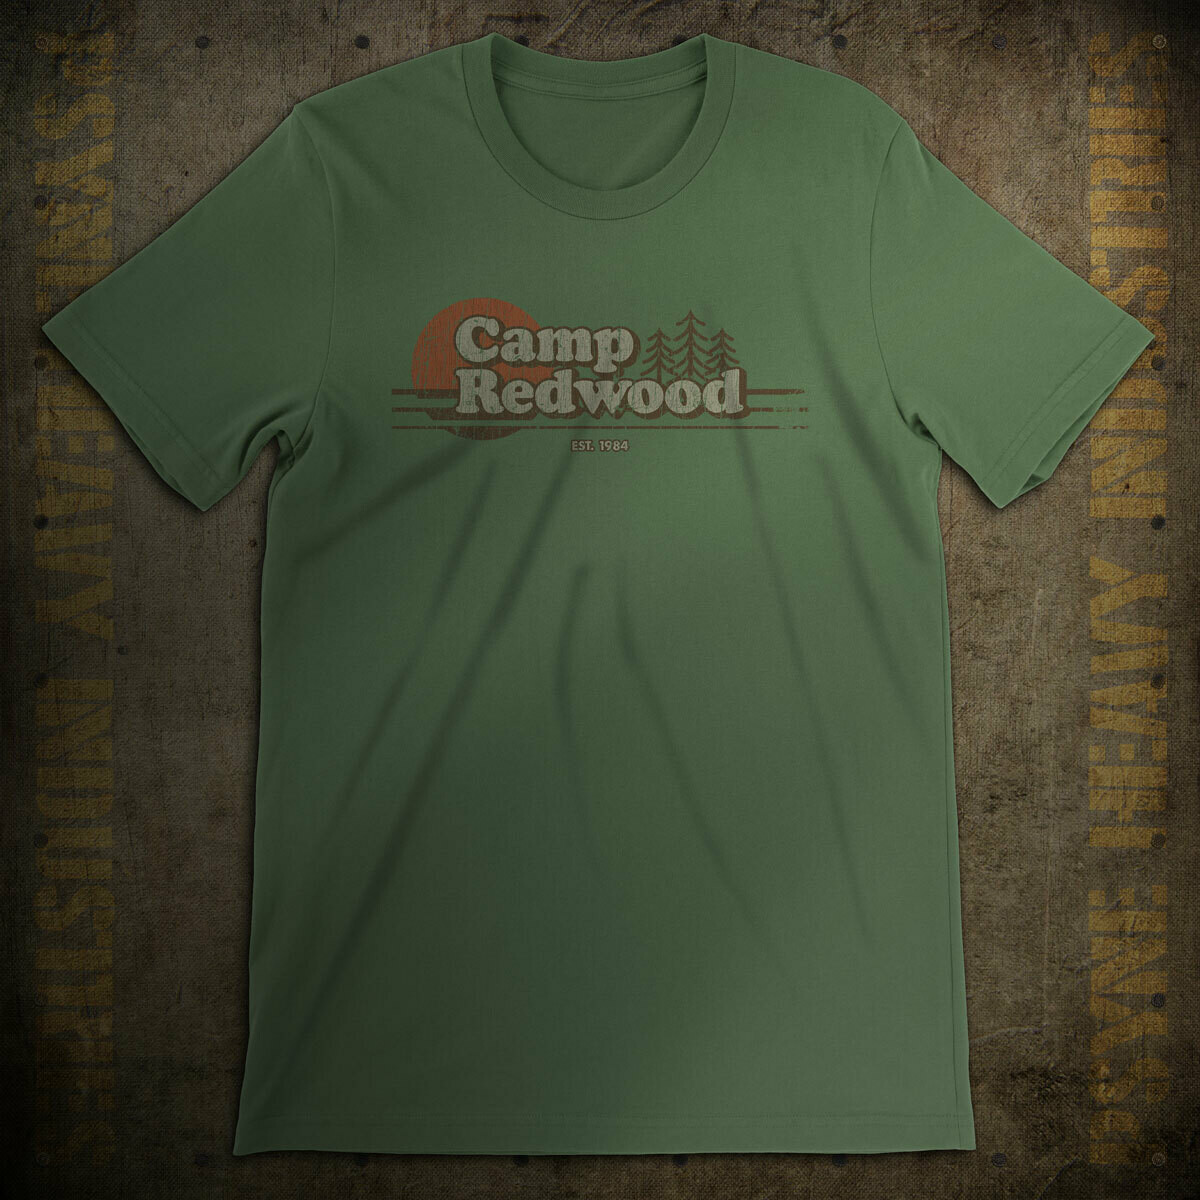 Camp Redwood 1984 Vintage T-Shirt